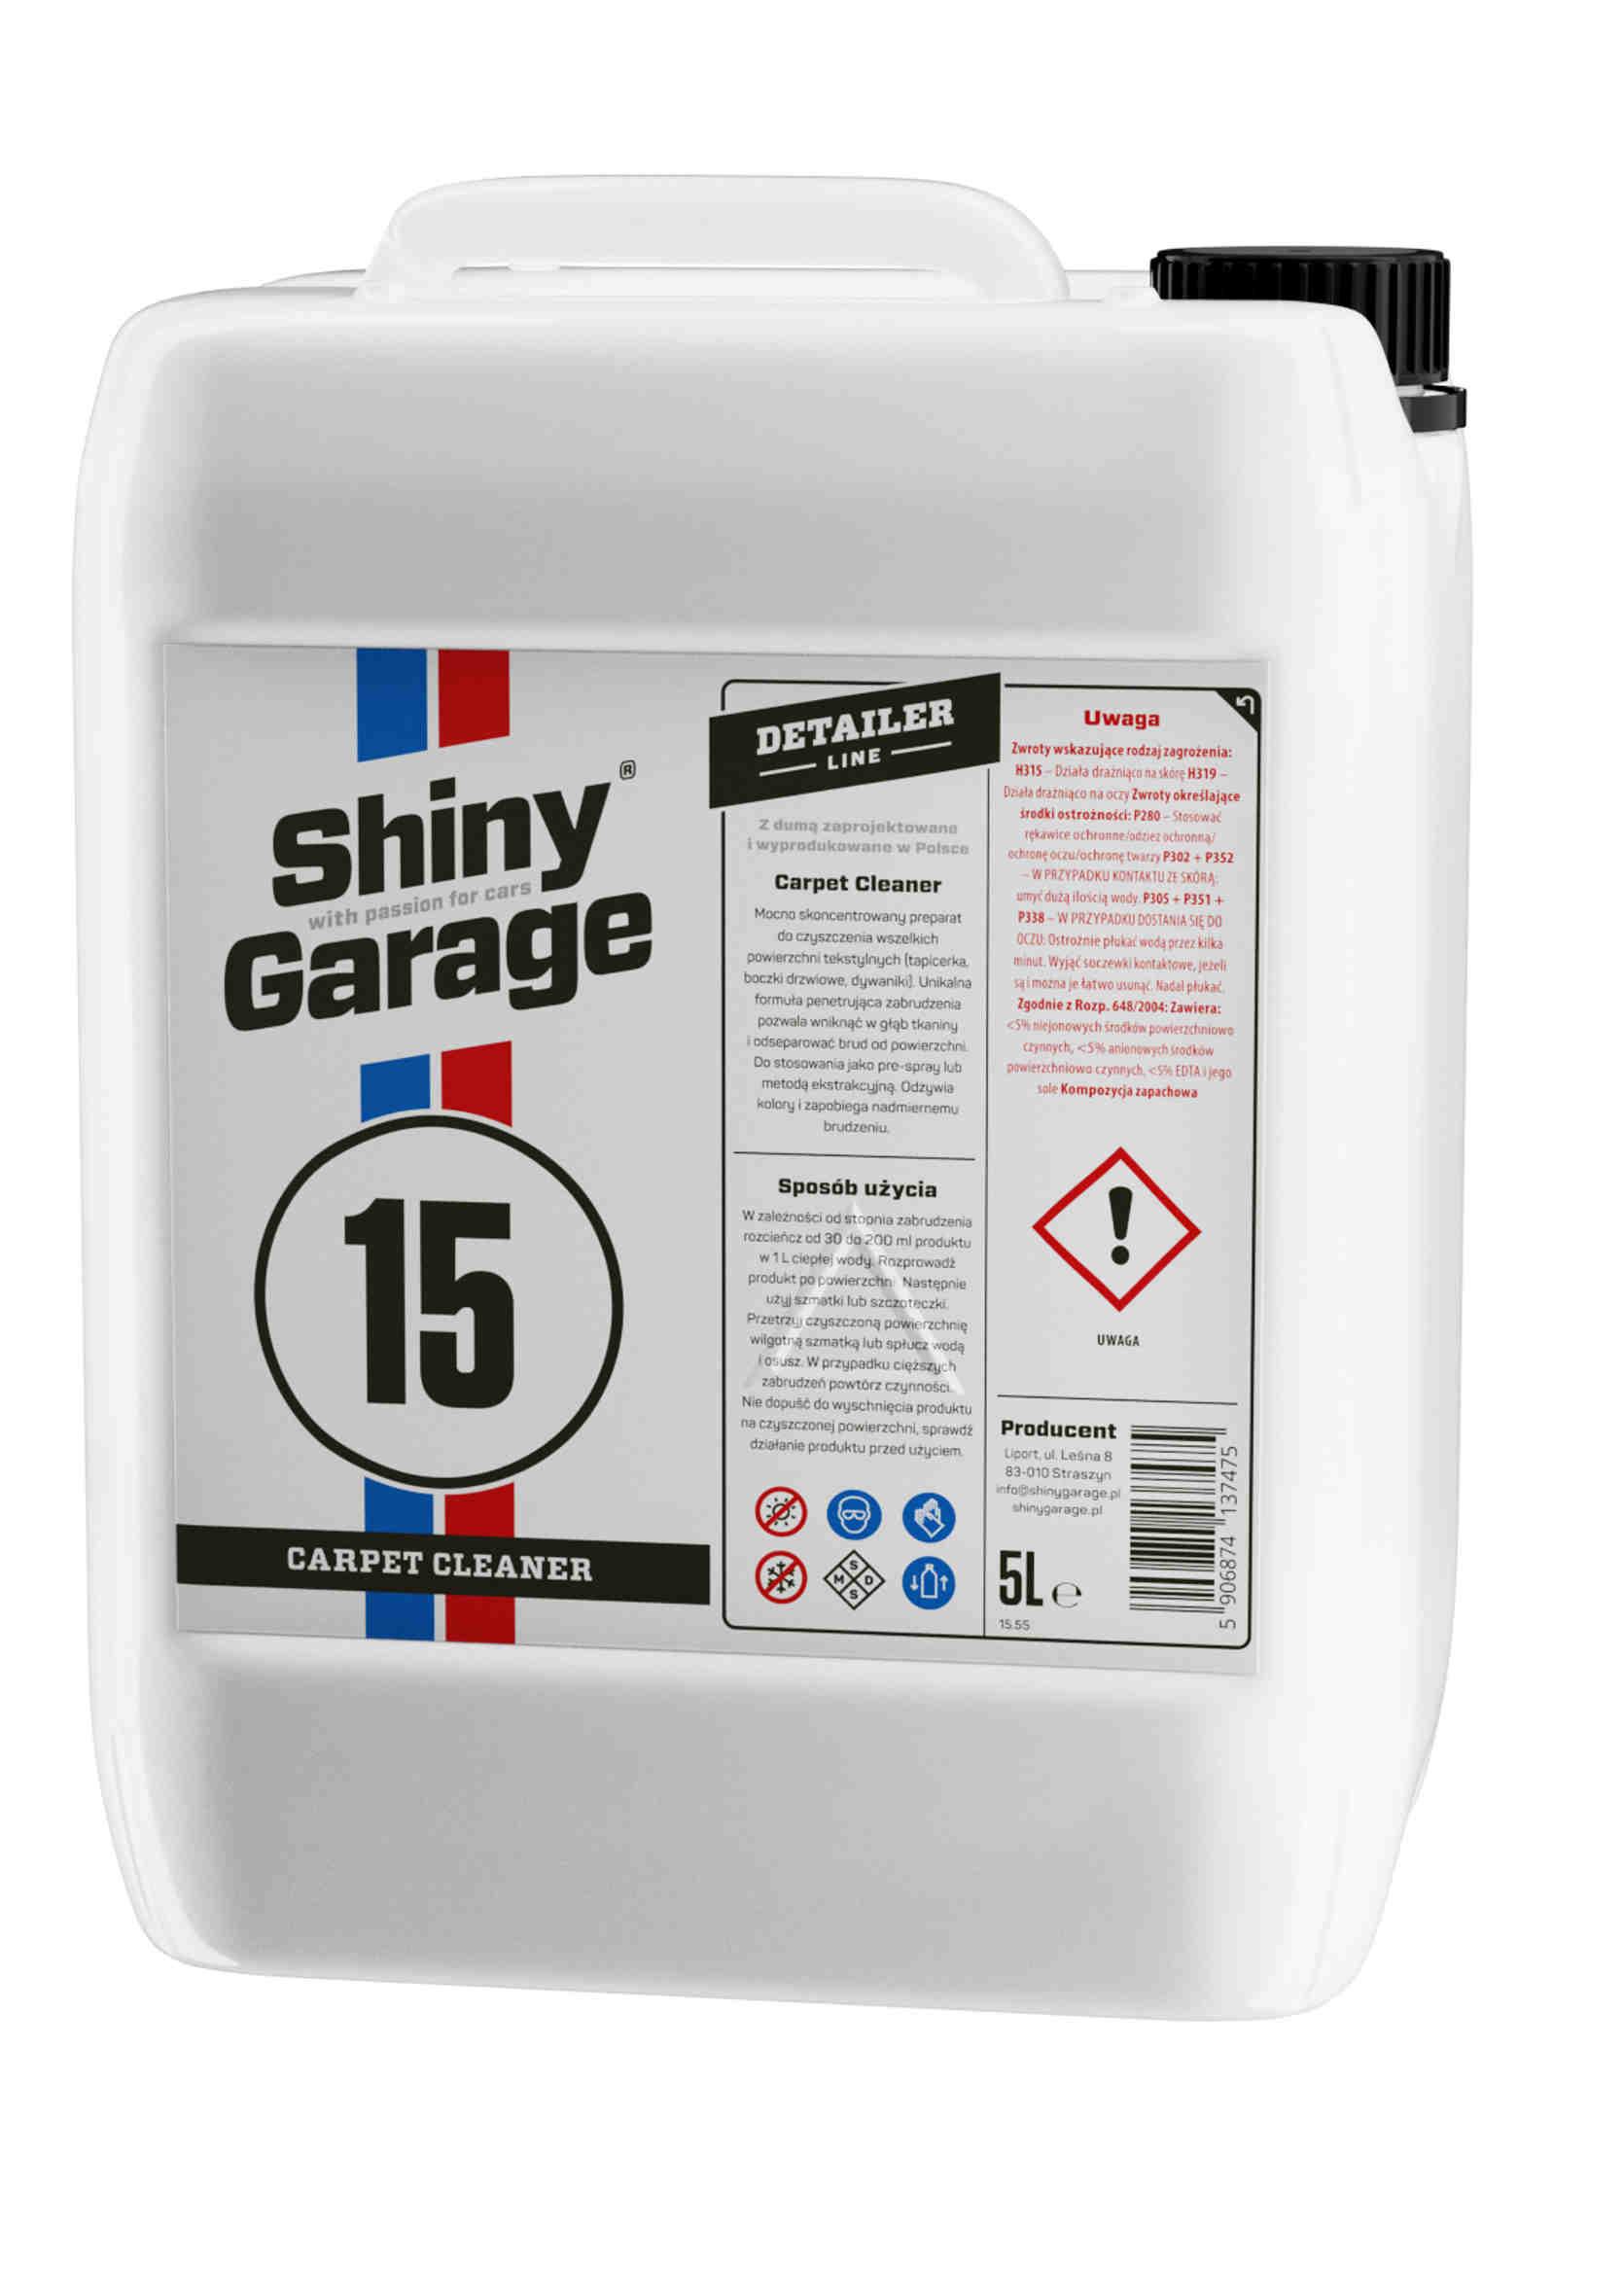 Shiny Garage Carpet Cleaner Płyn do Prania Tapicerki Materiałowej 5L